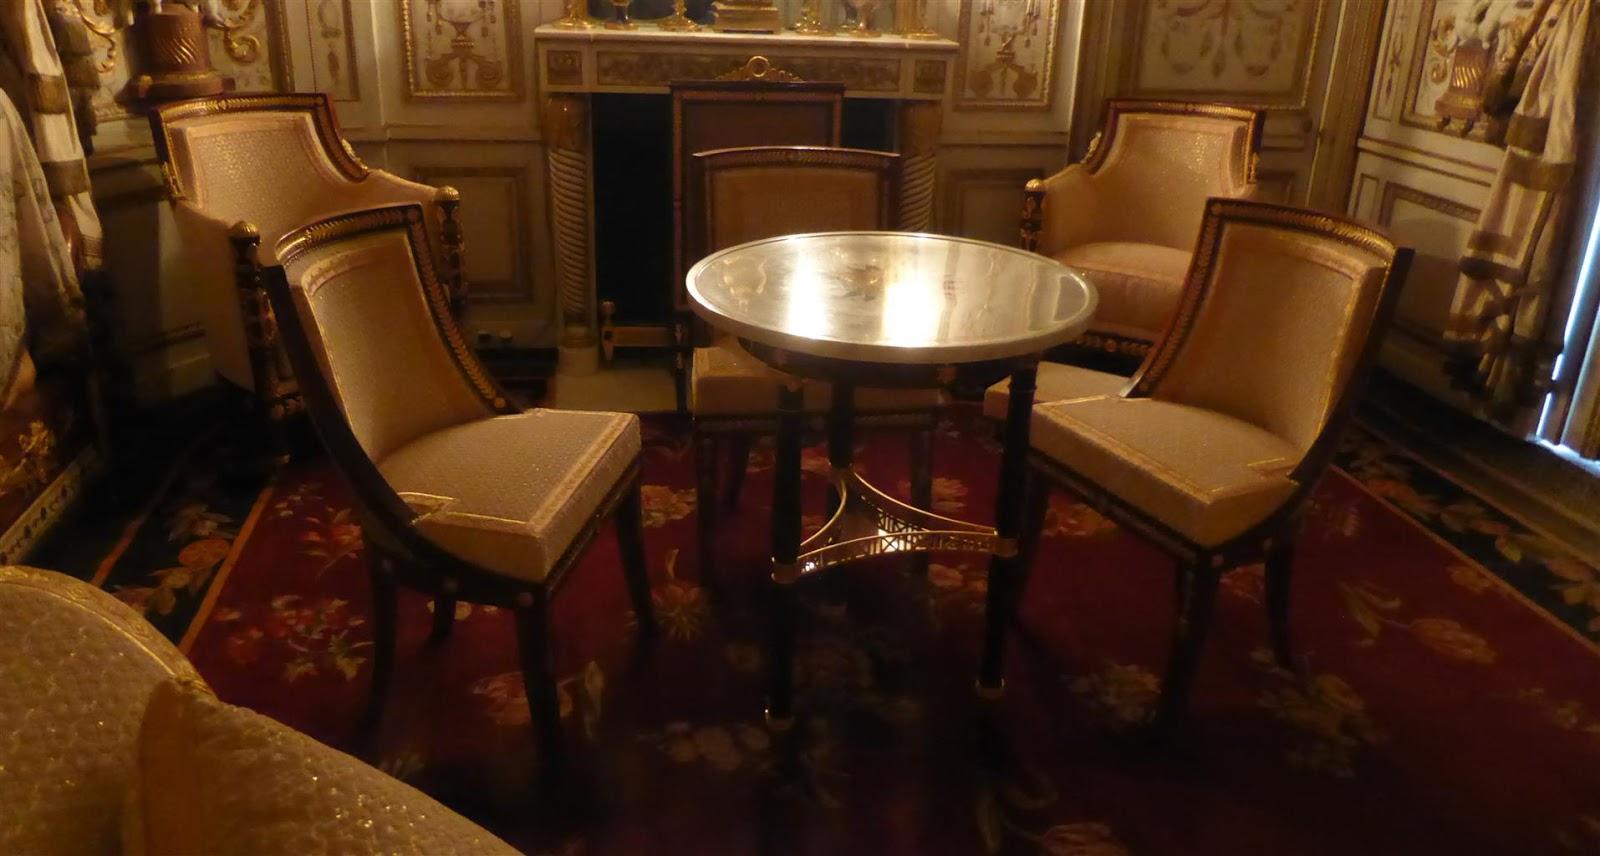 Paris bise art ch teau de fontainebleau 14 le for Garde meuble fontainebleau